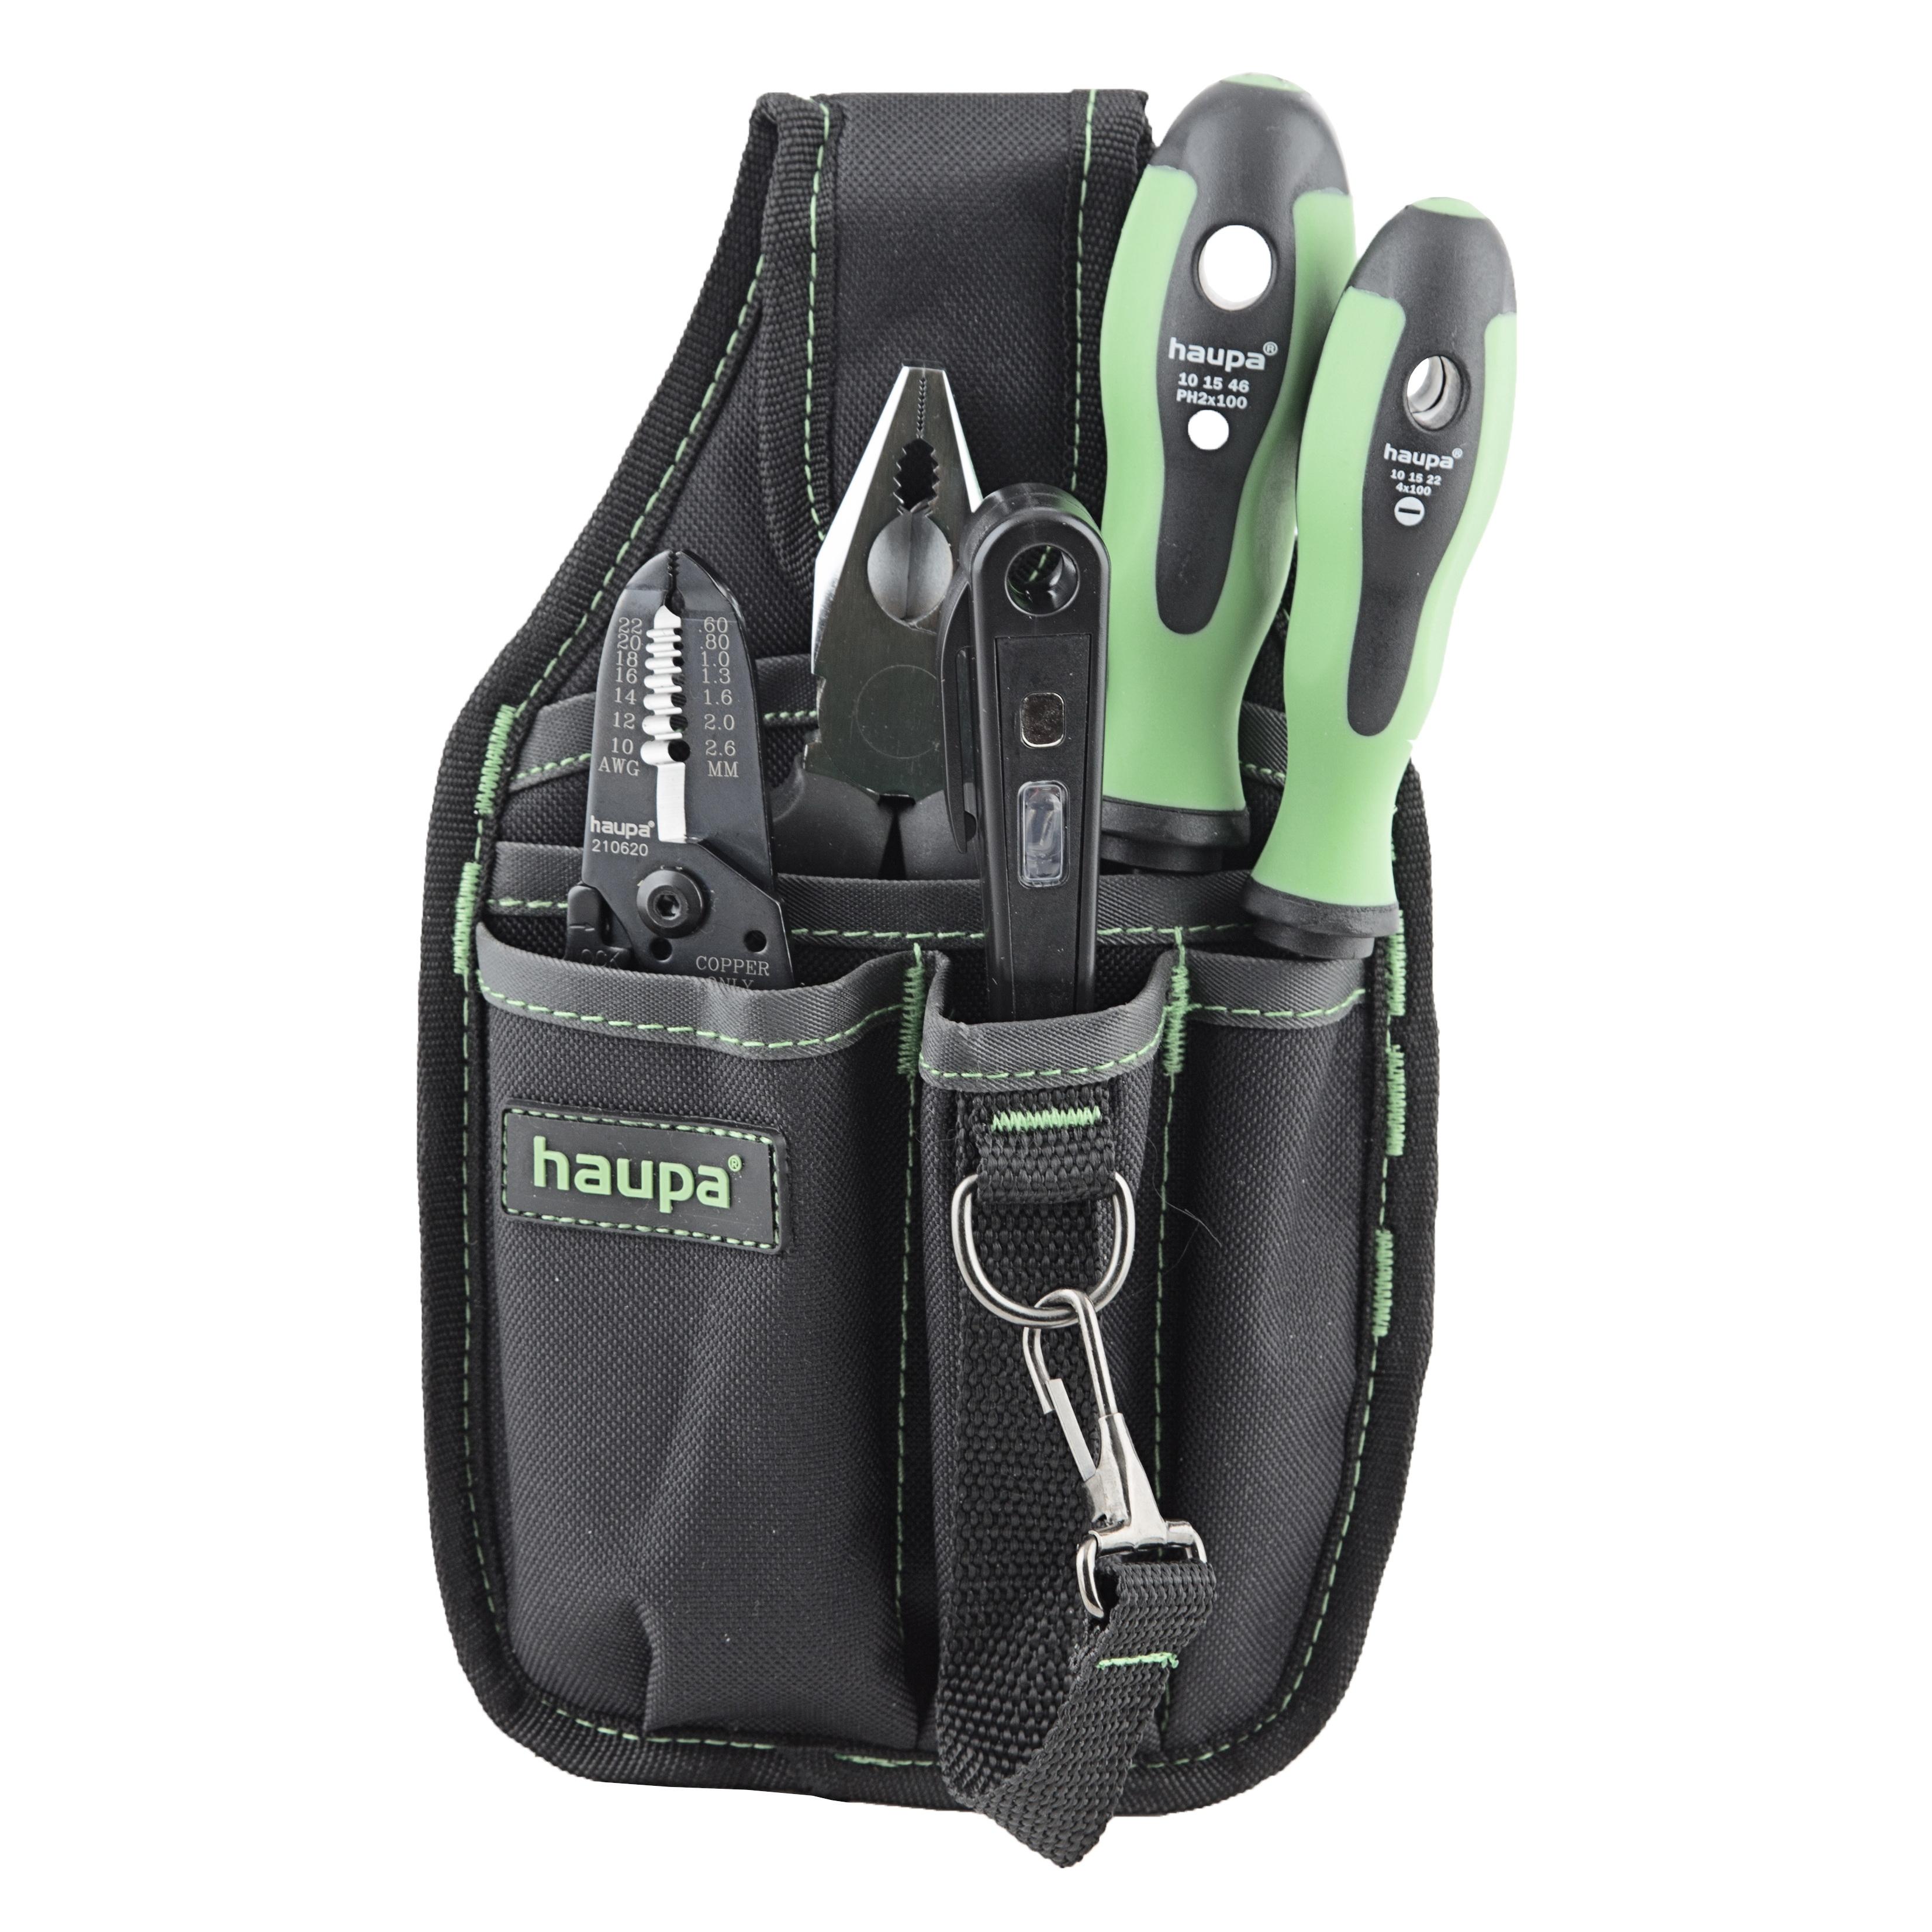 Профессиональный набор инструментов Haupa 220506 цена